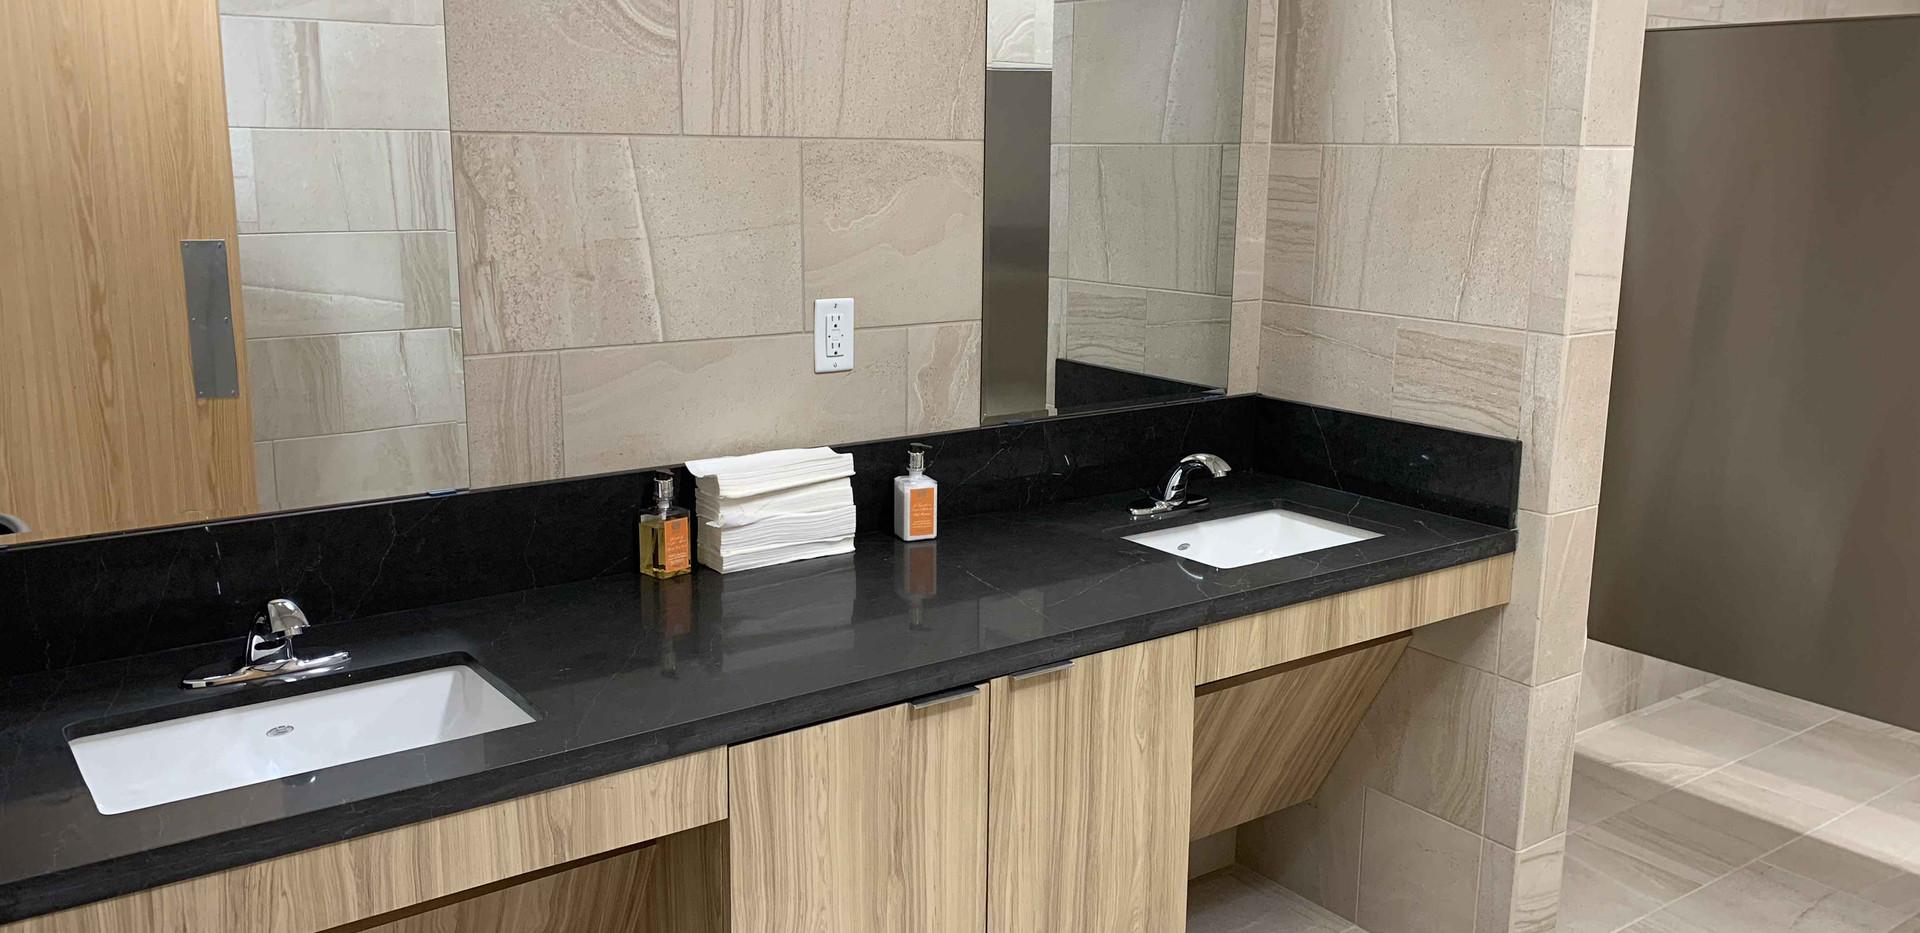 RR restrooms interior.jpg